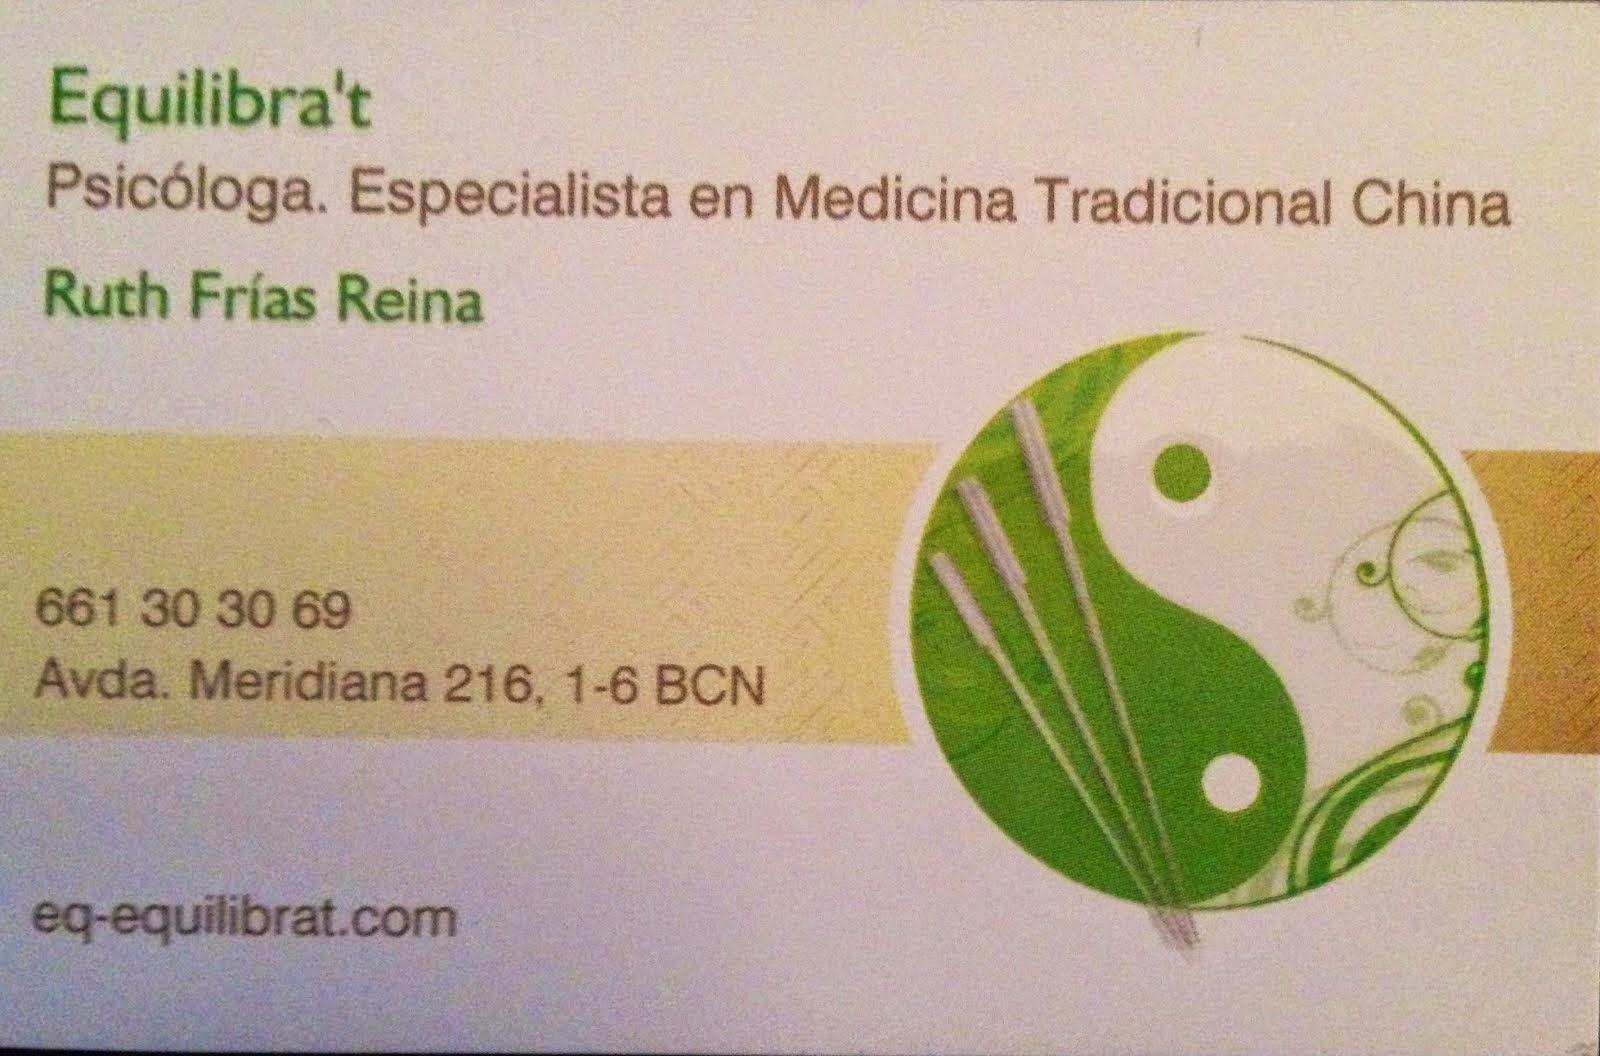 Ruth Frías: Terapeuta en Medicina Xinesa i Psicologa